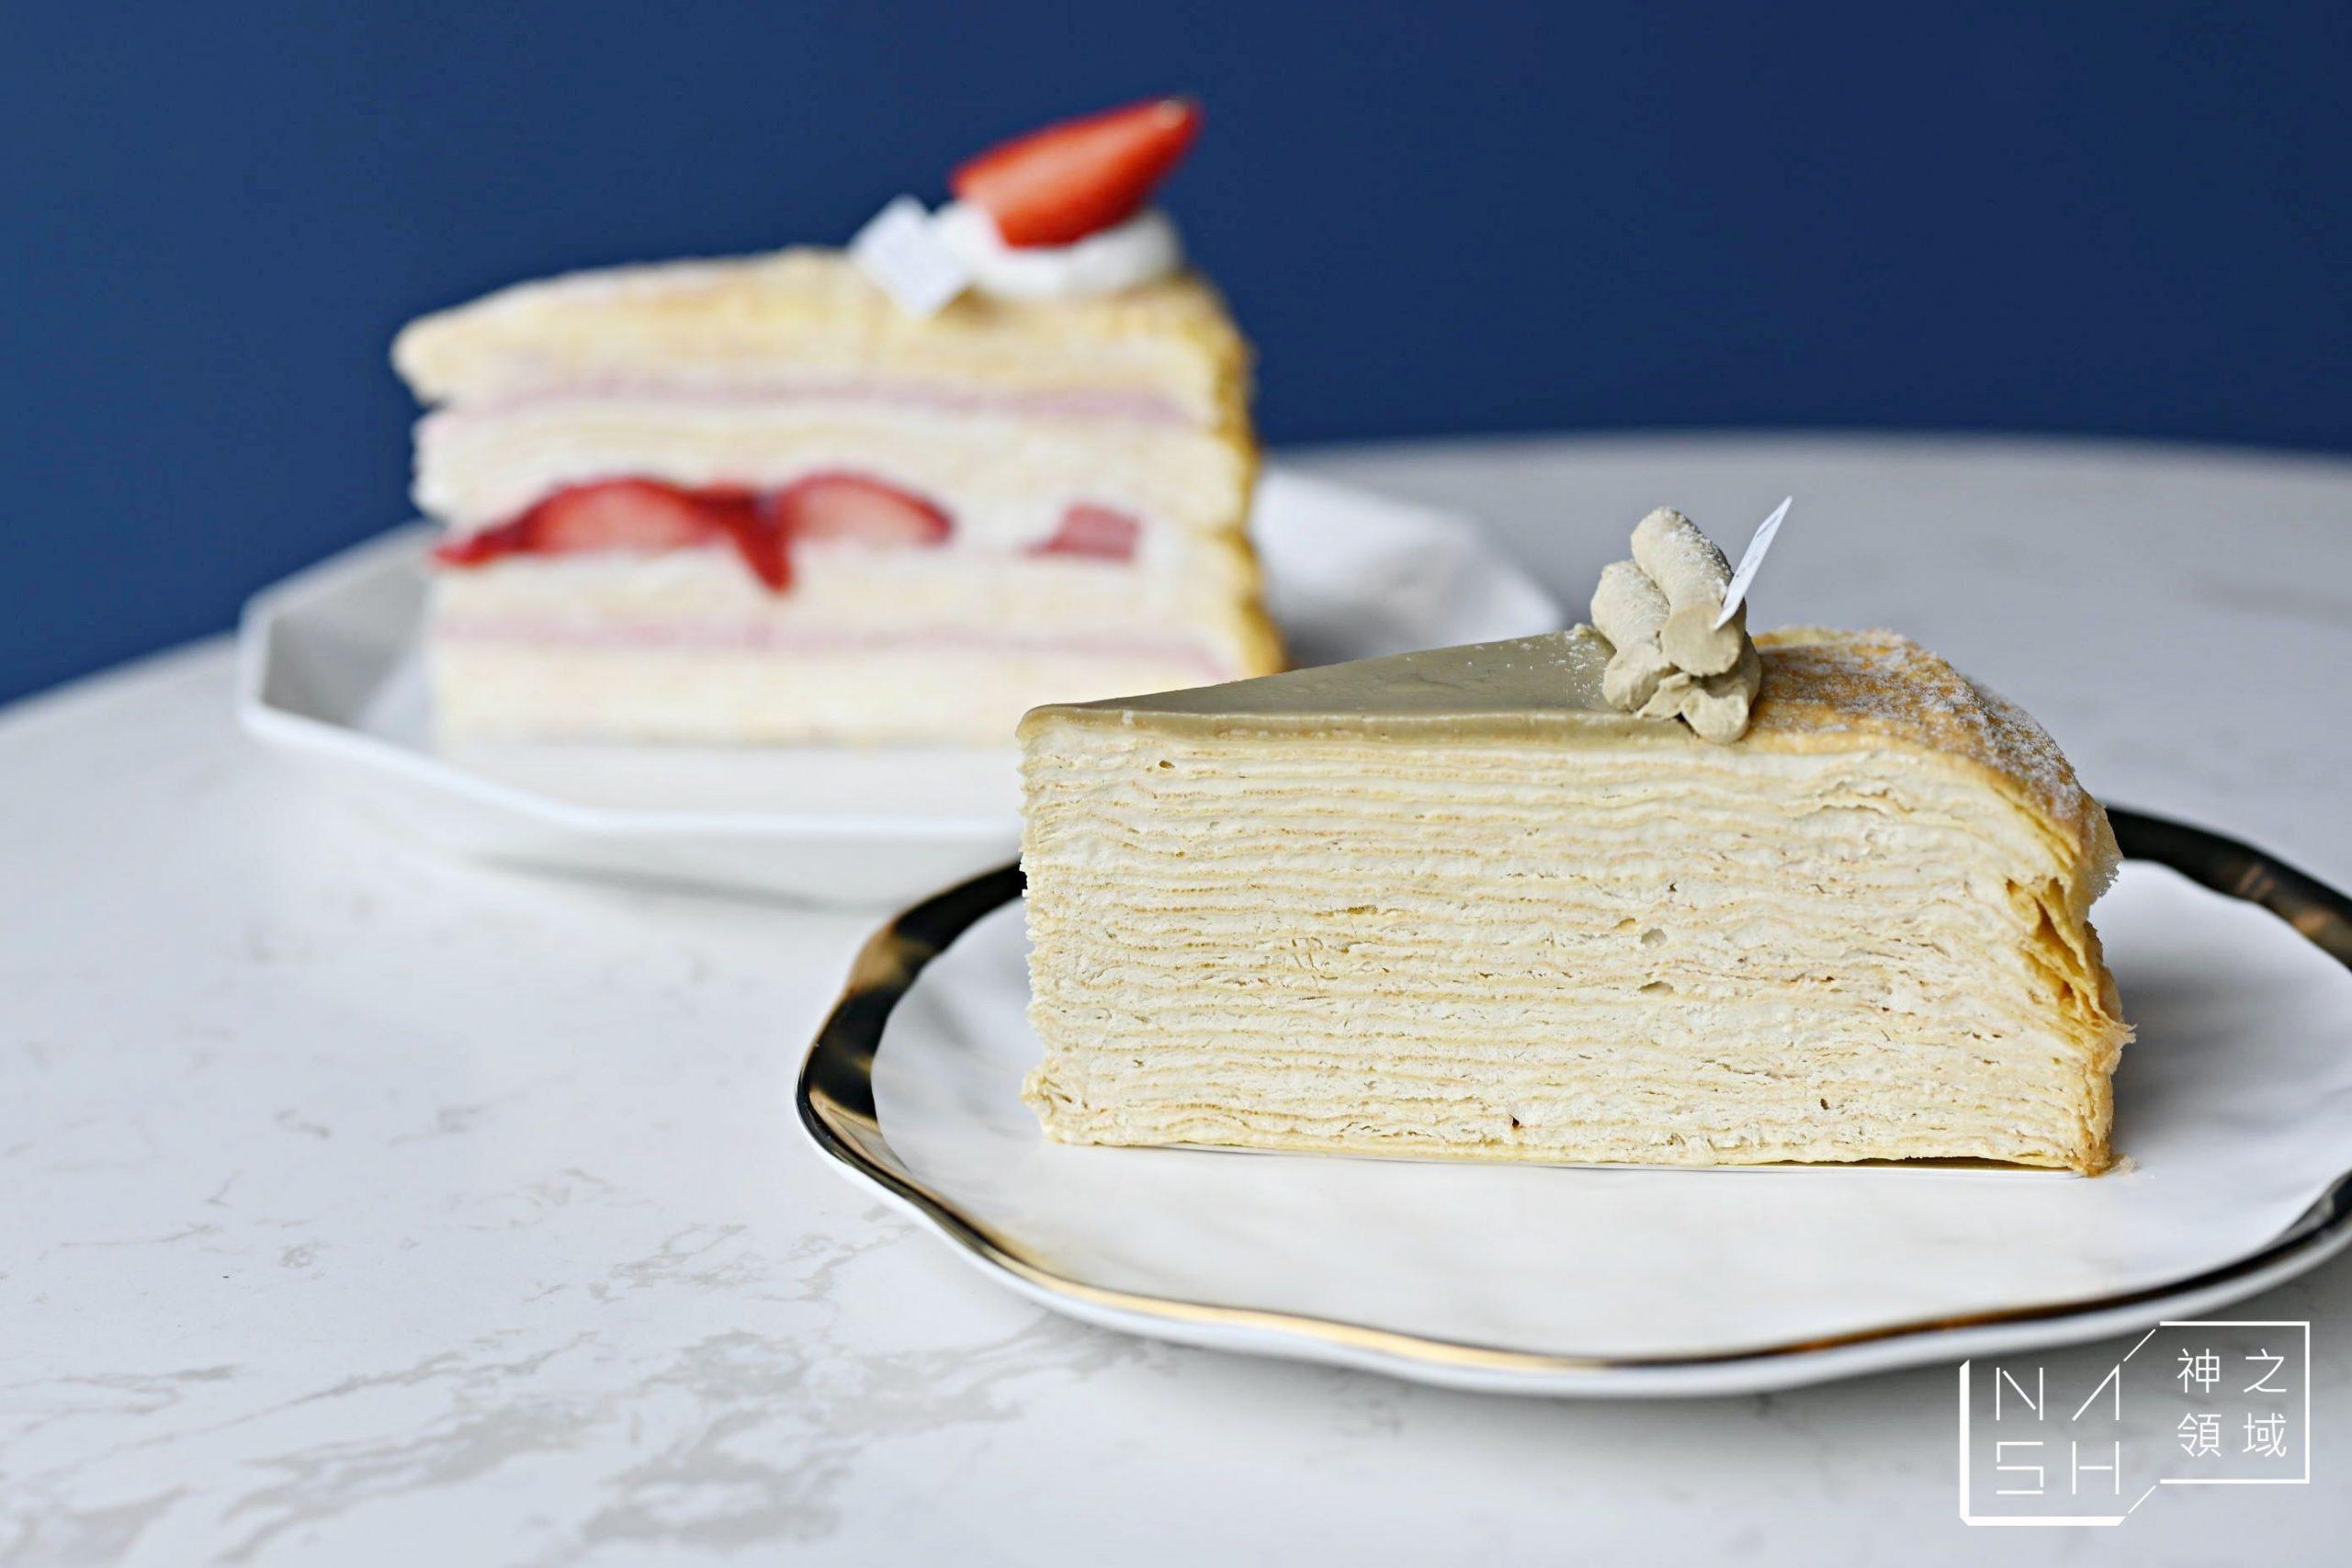 時飴千層蛋糕